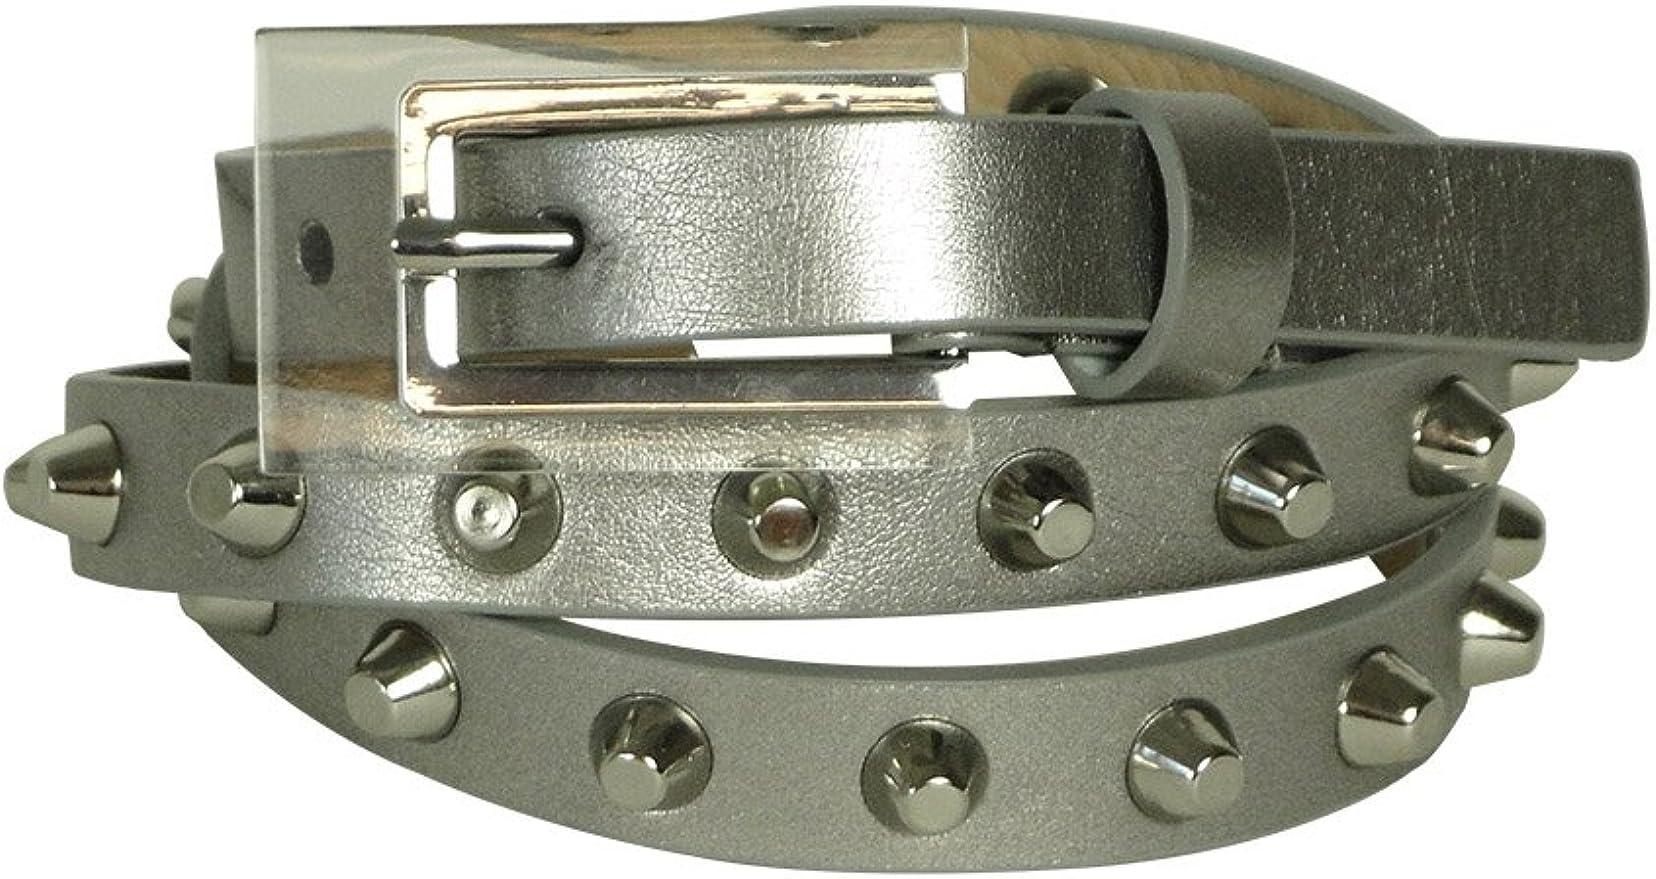 Vince Camuto Womens Studded 5 Notch Belt